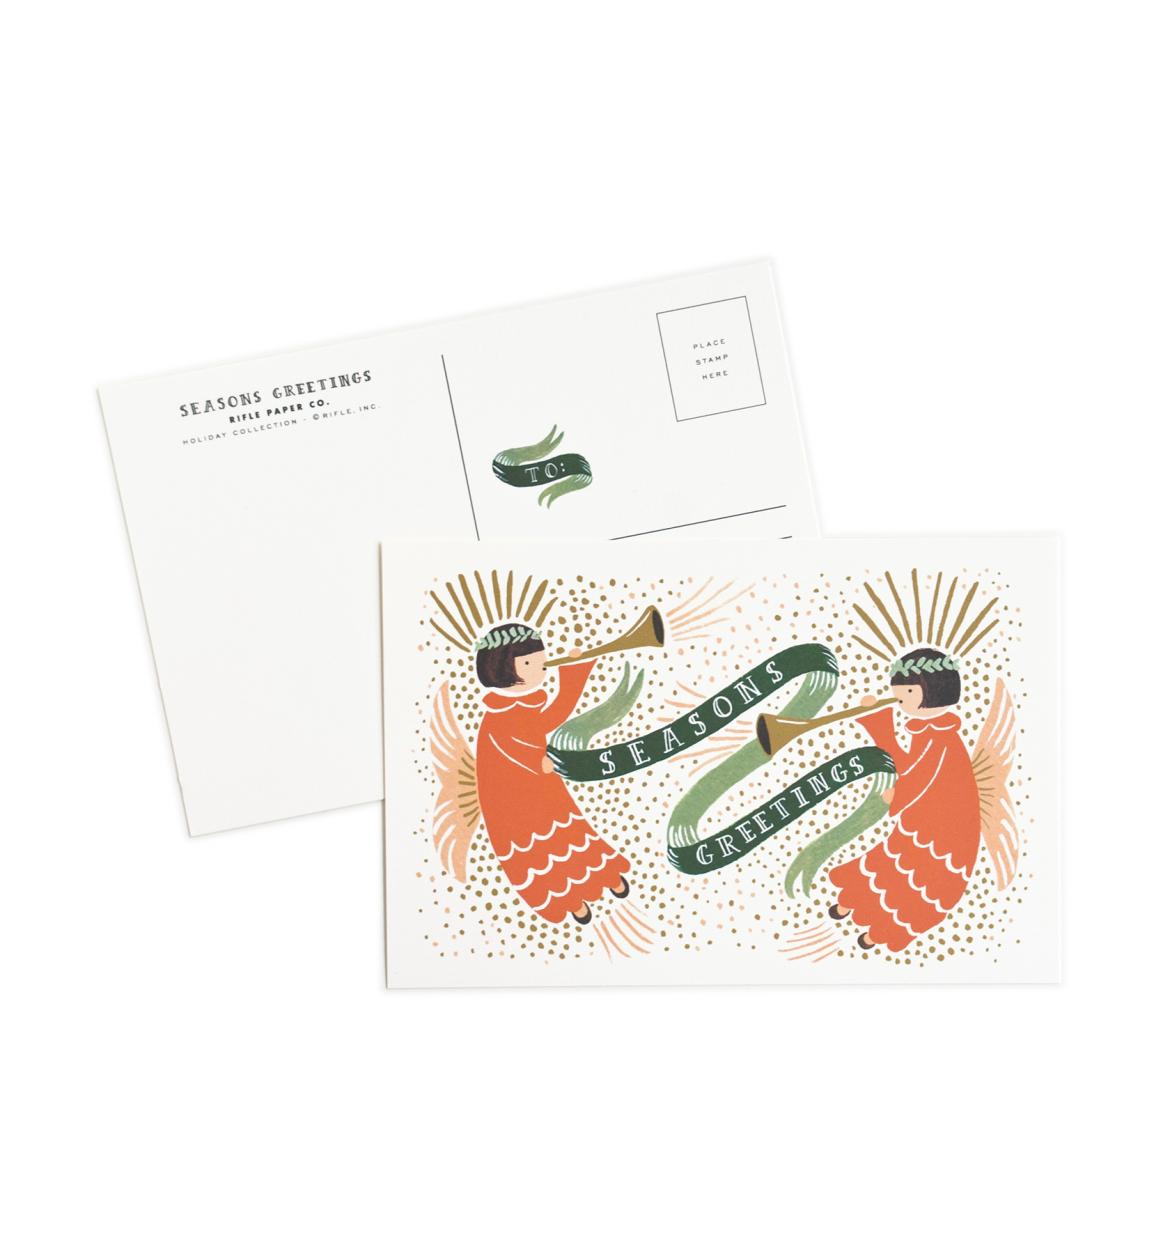 Season's Greetings Package of 10 Cards Seasons greetings